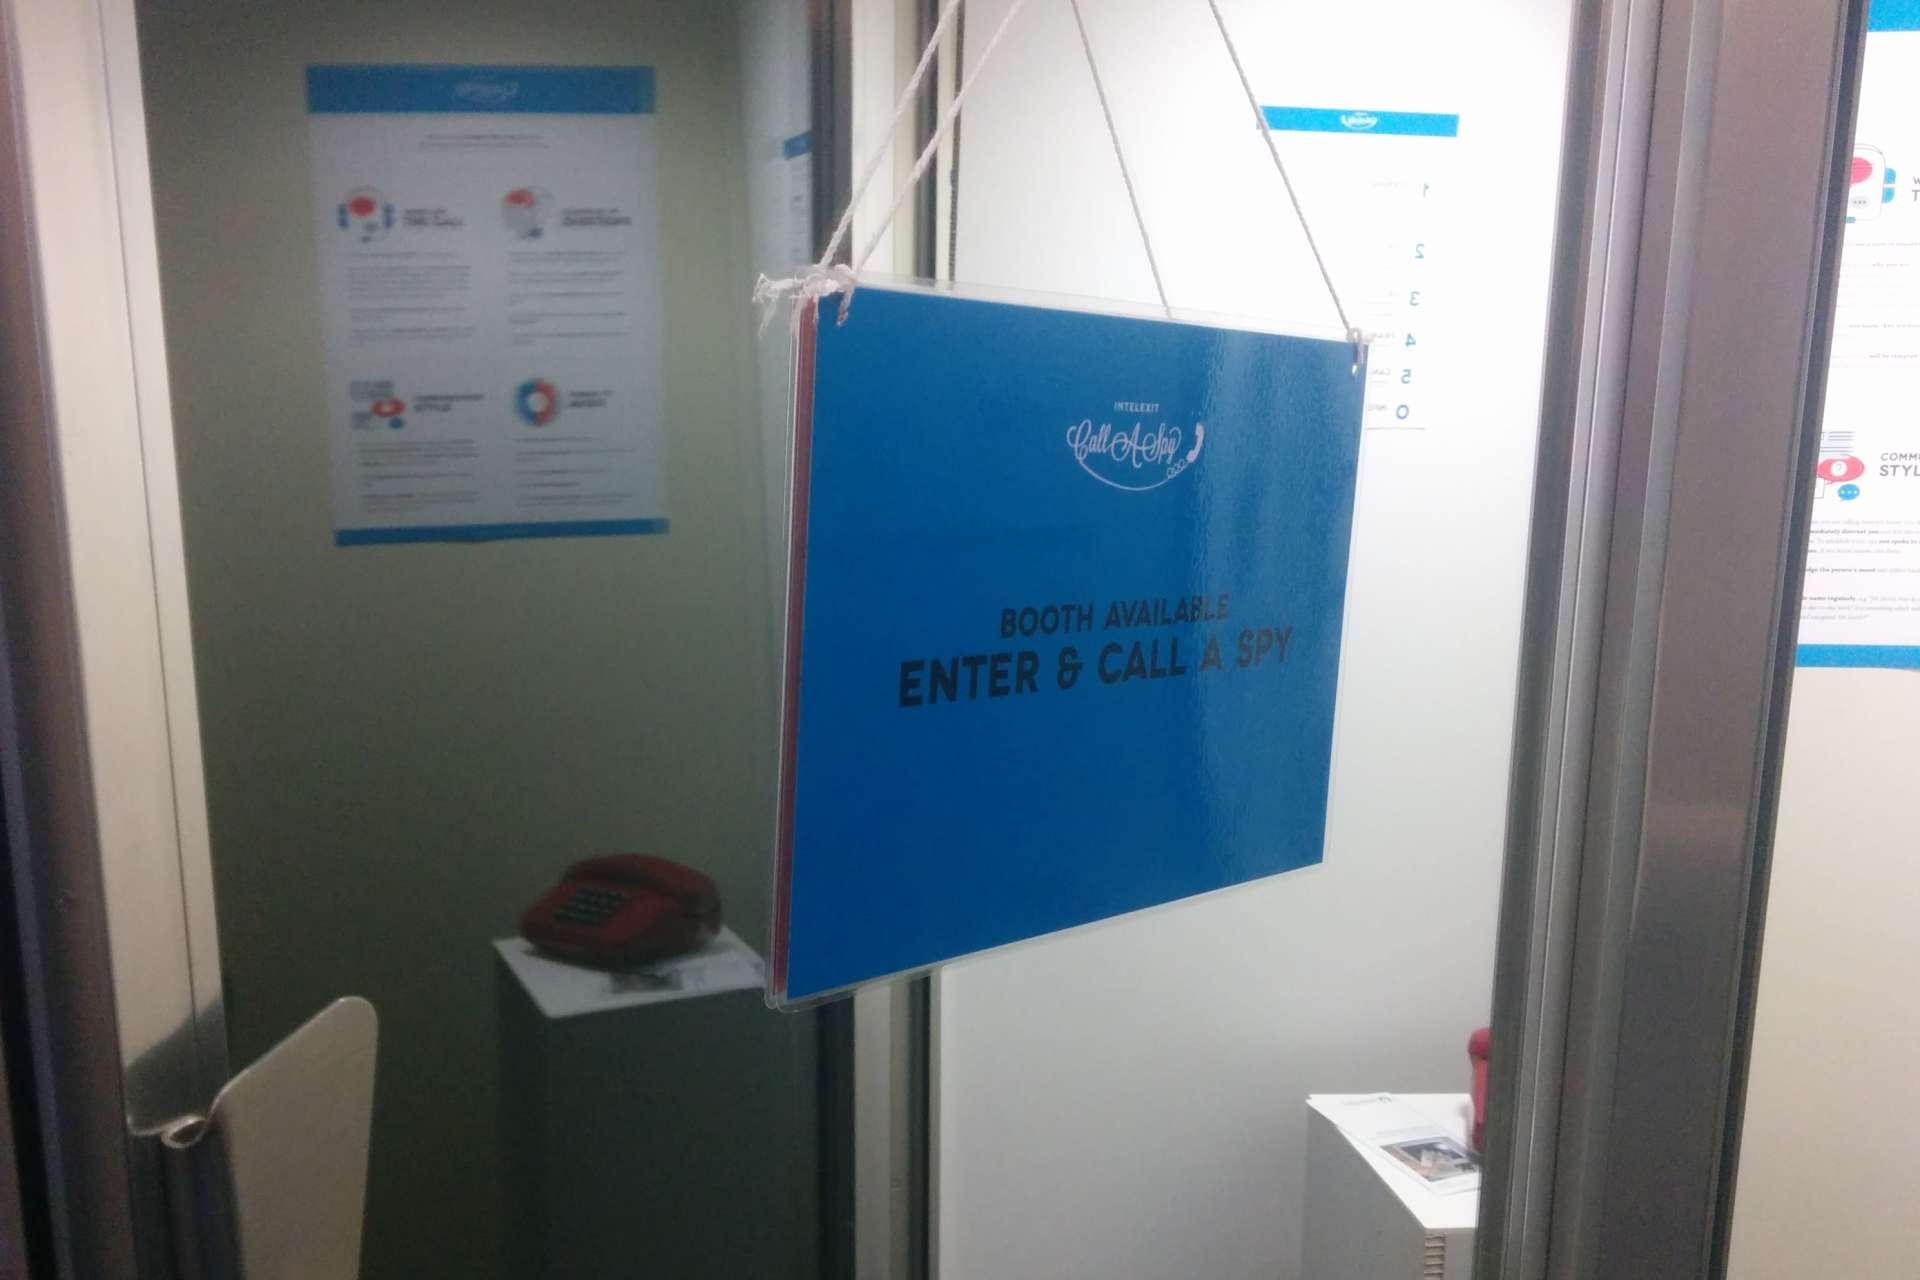 Les cabines mises en place par Intelexit au Logan Symposium de Berlin.